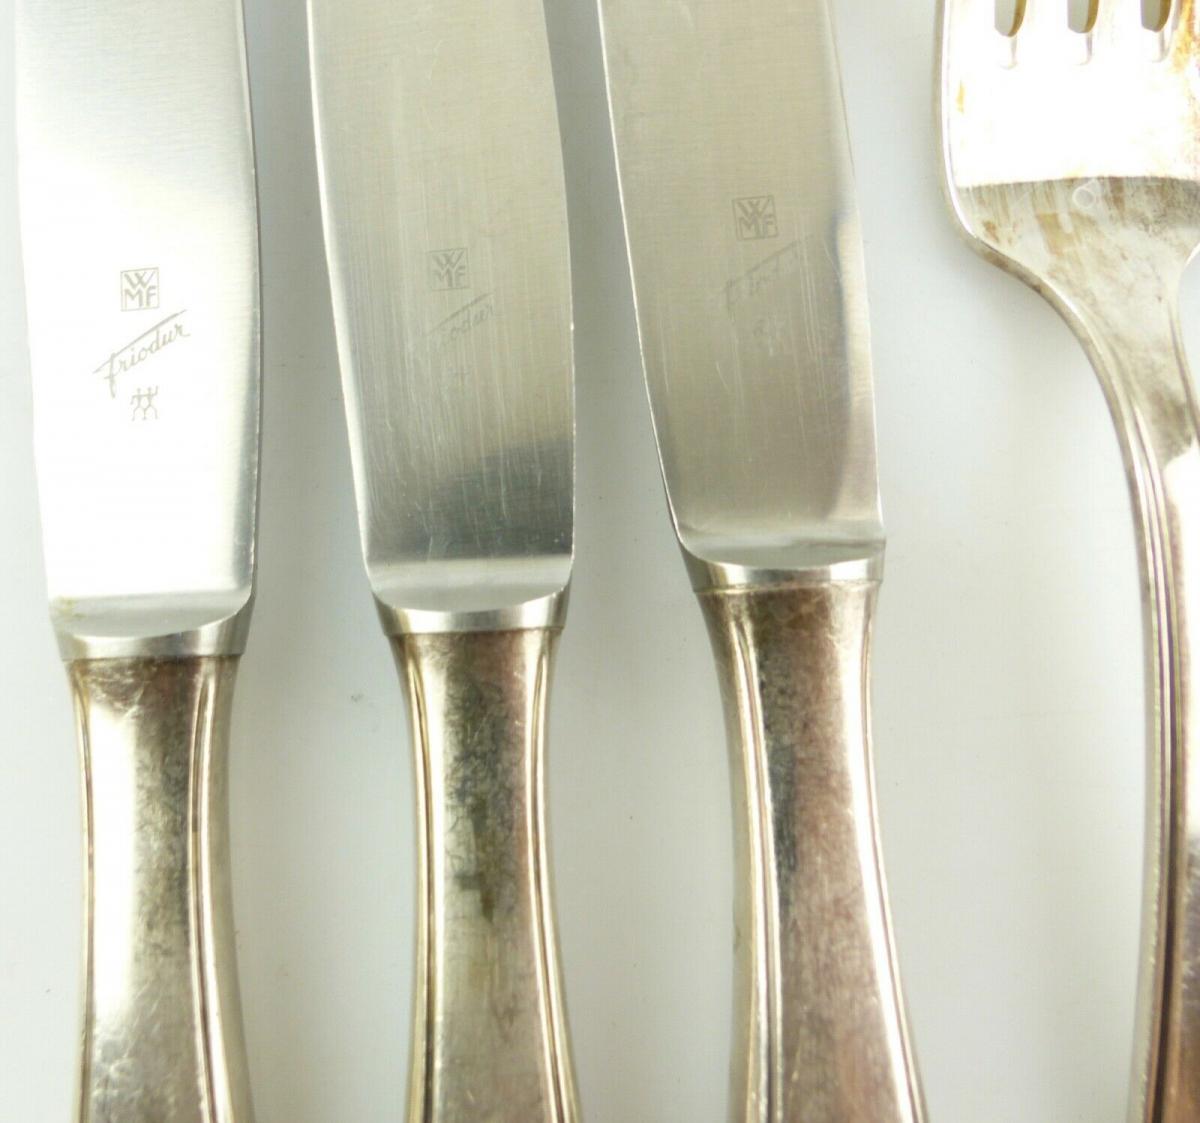 E10986 7 teiliges versilbertes Essbesteck von WMF 90er Silberauflage 1